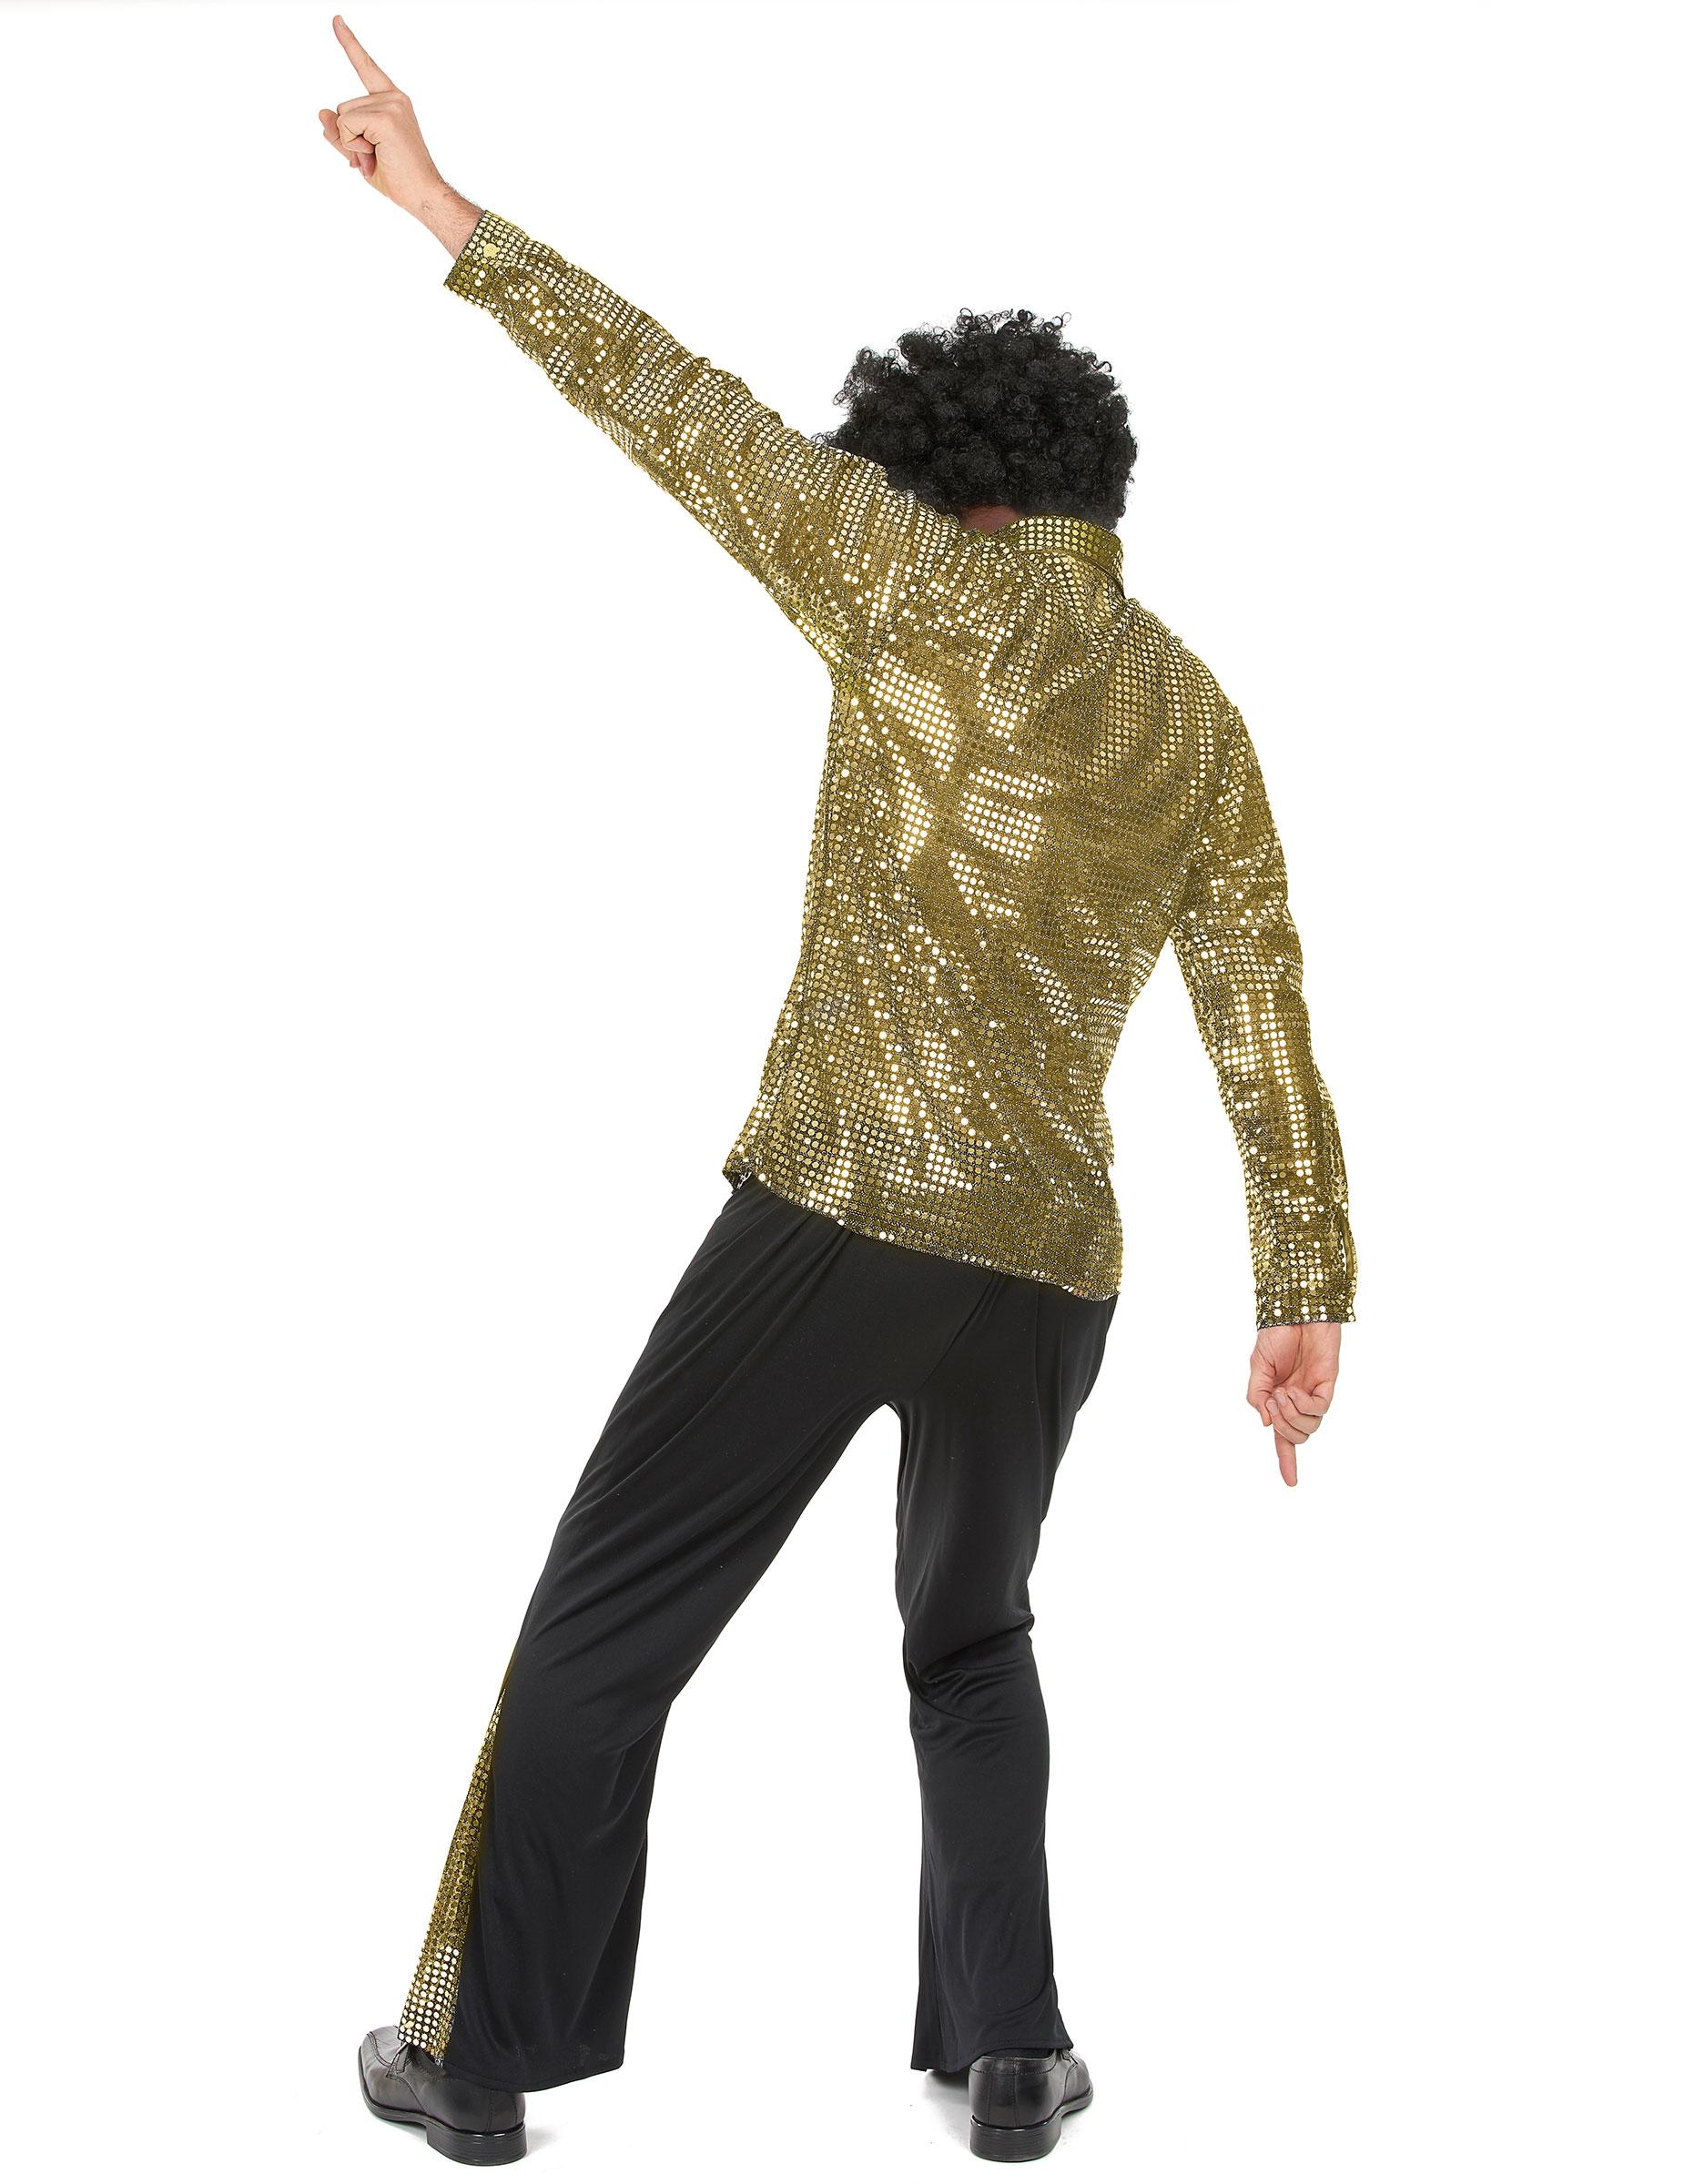 Gyllene discodräkt - Maskeradkläder för vuxna-2 7ce9ae34289b1